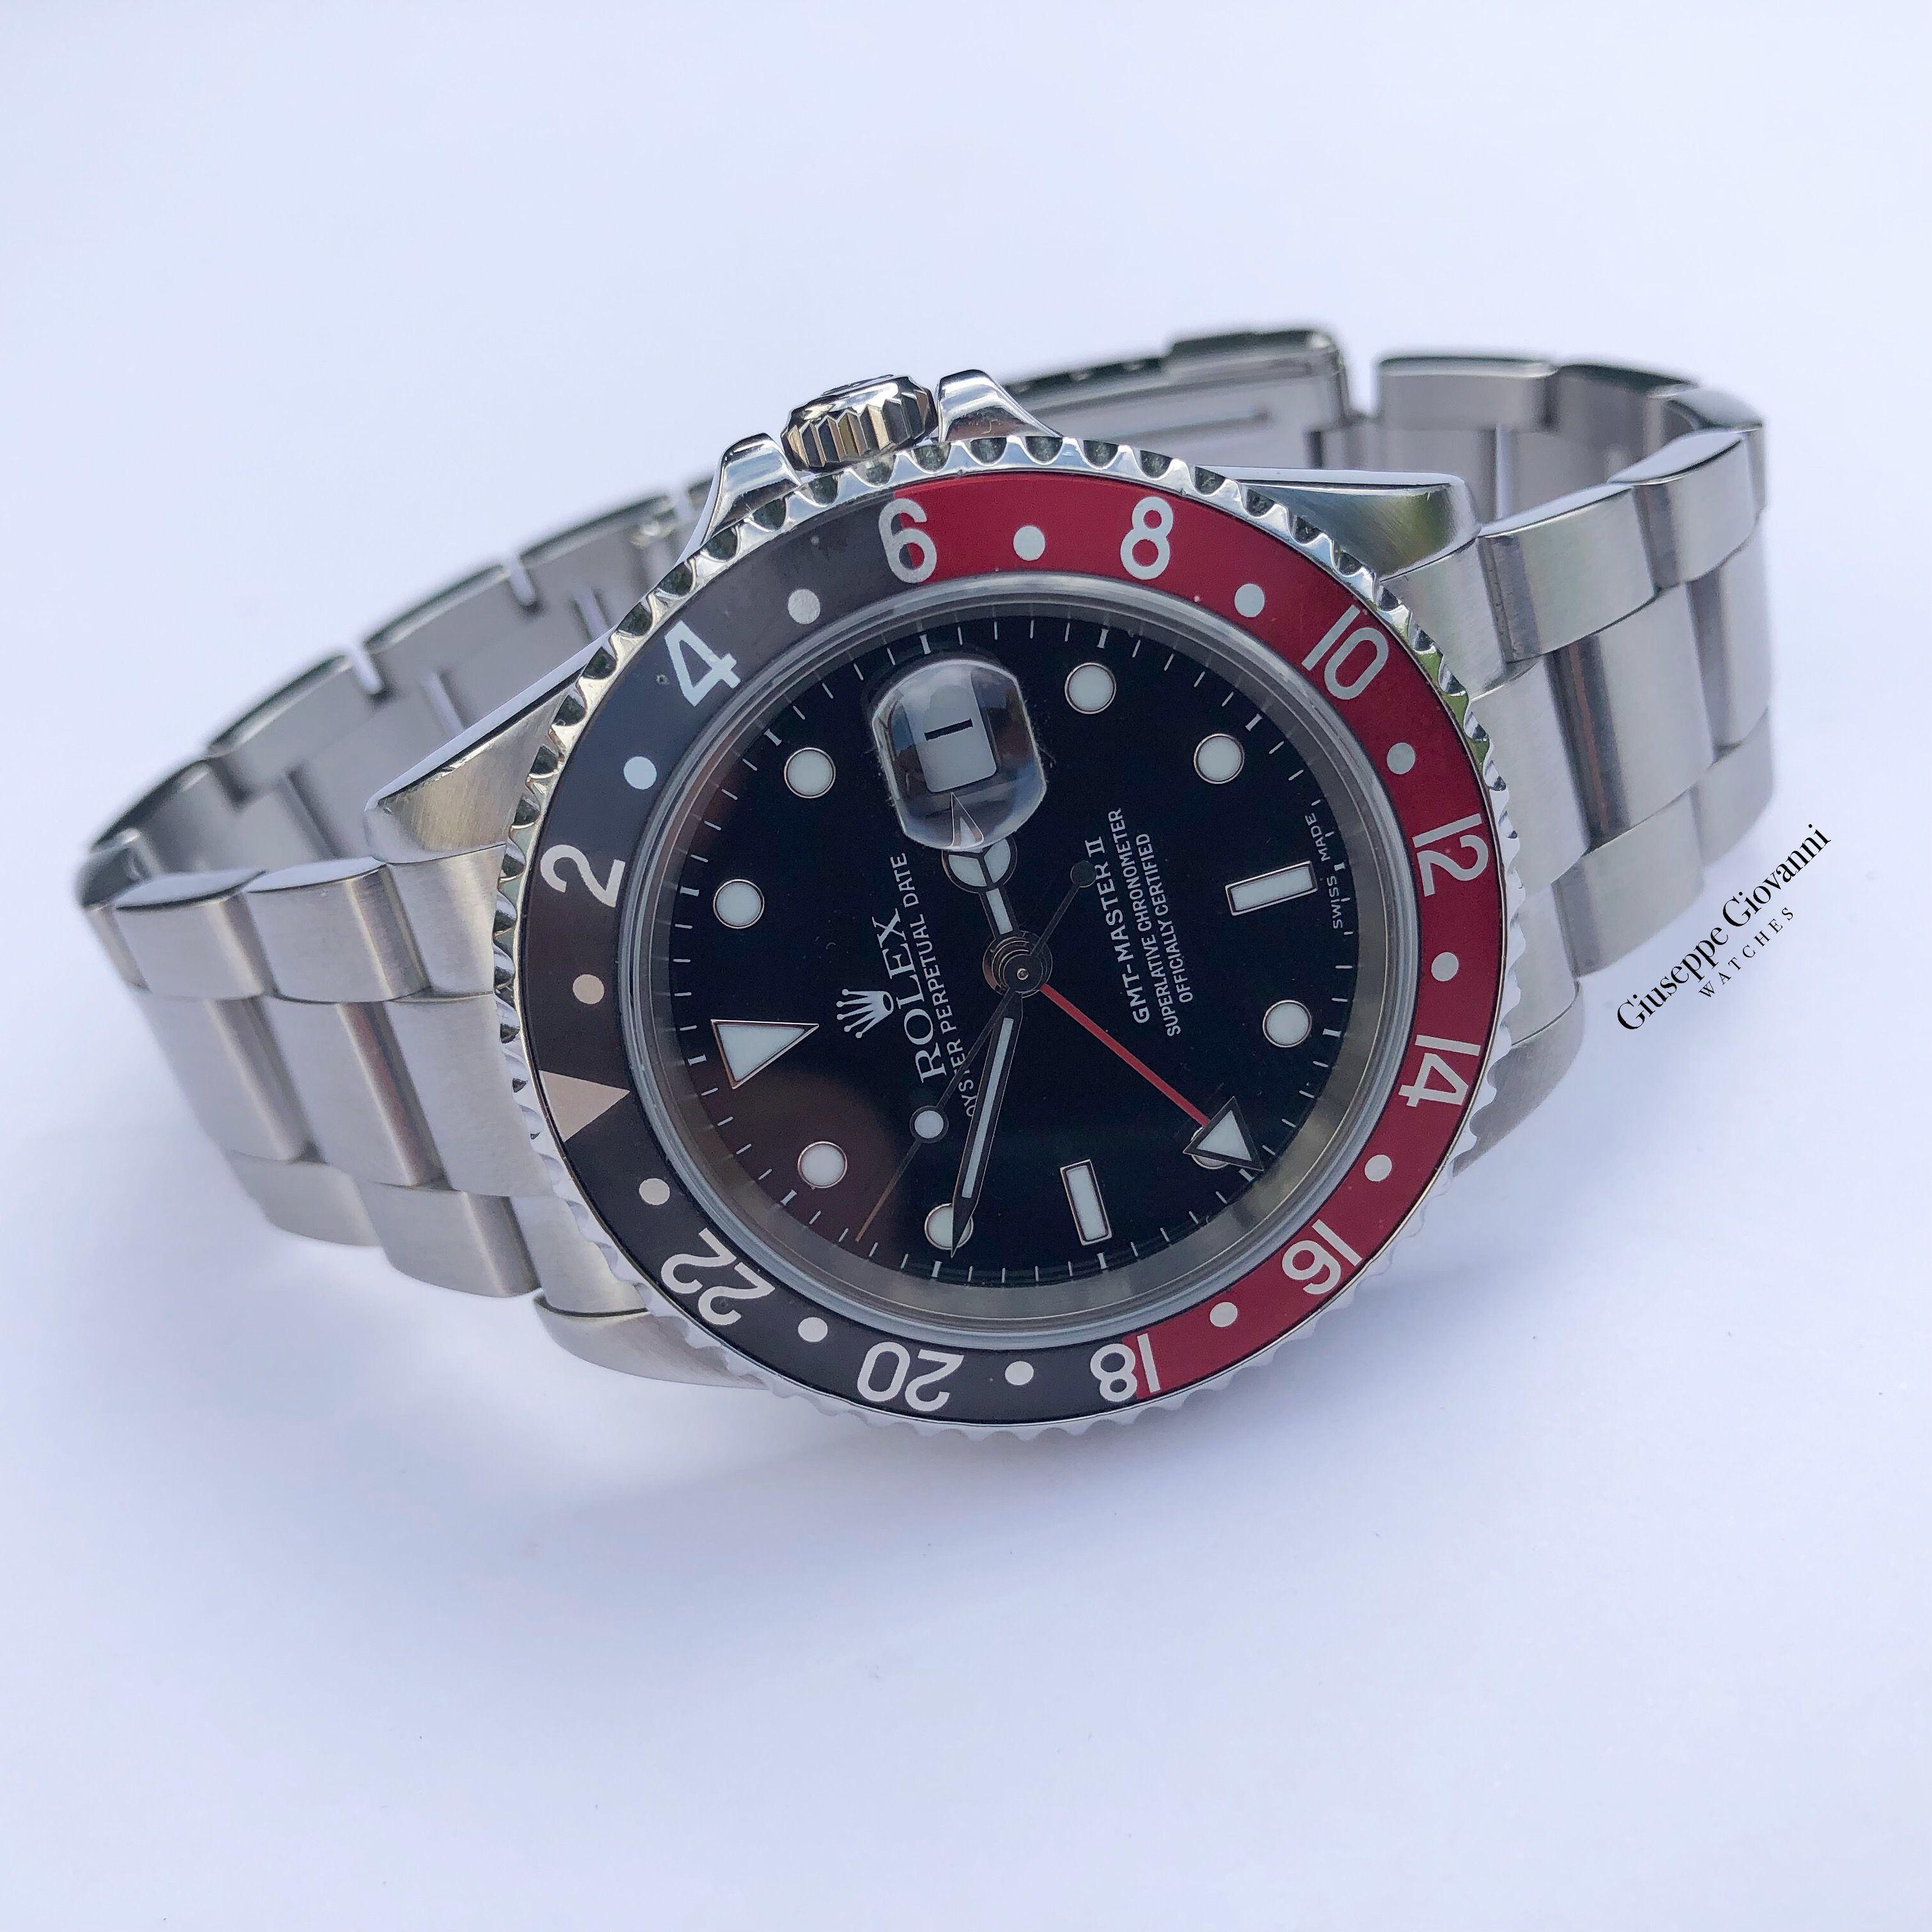 1 Rolex GMT Master 16710 Oystersteel Black Dial Coke Bezel 2006